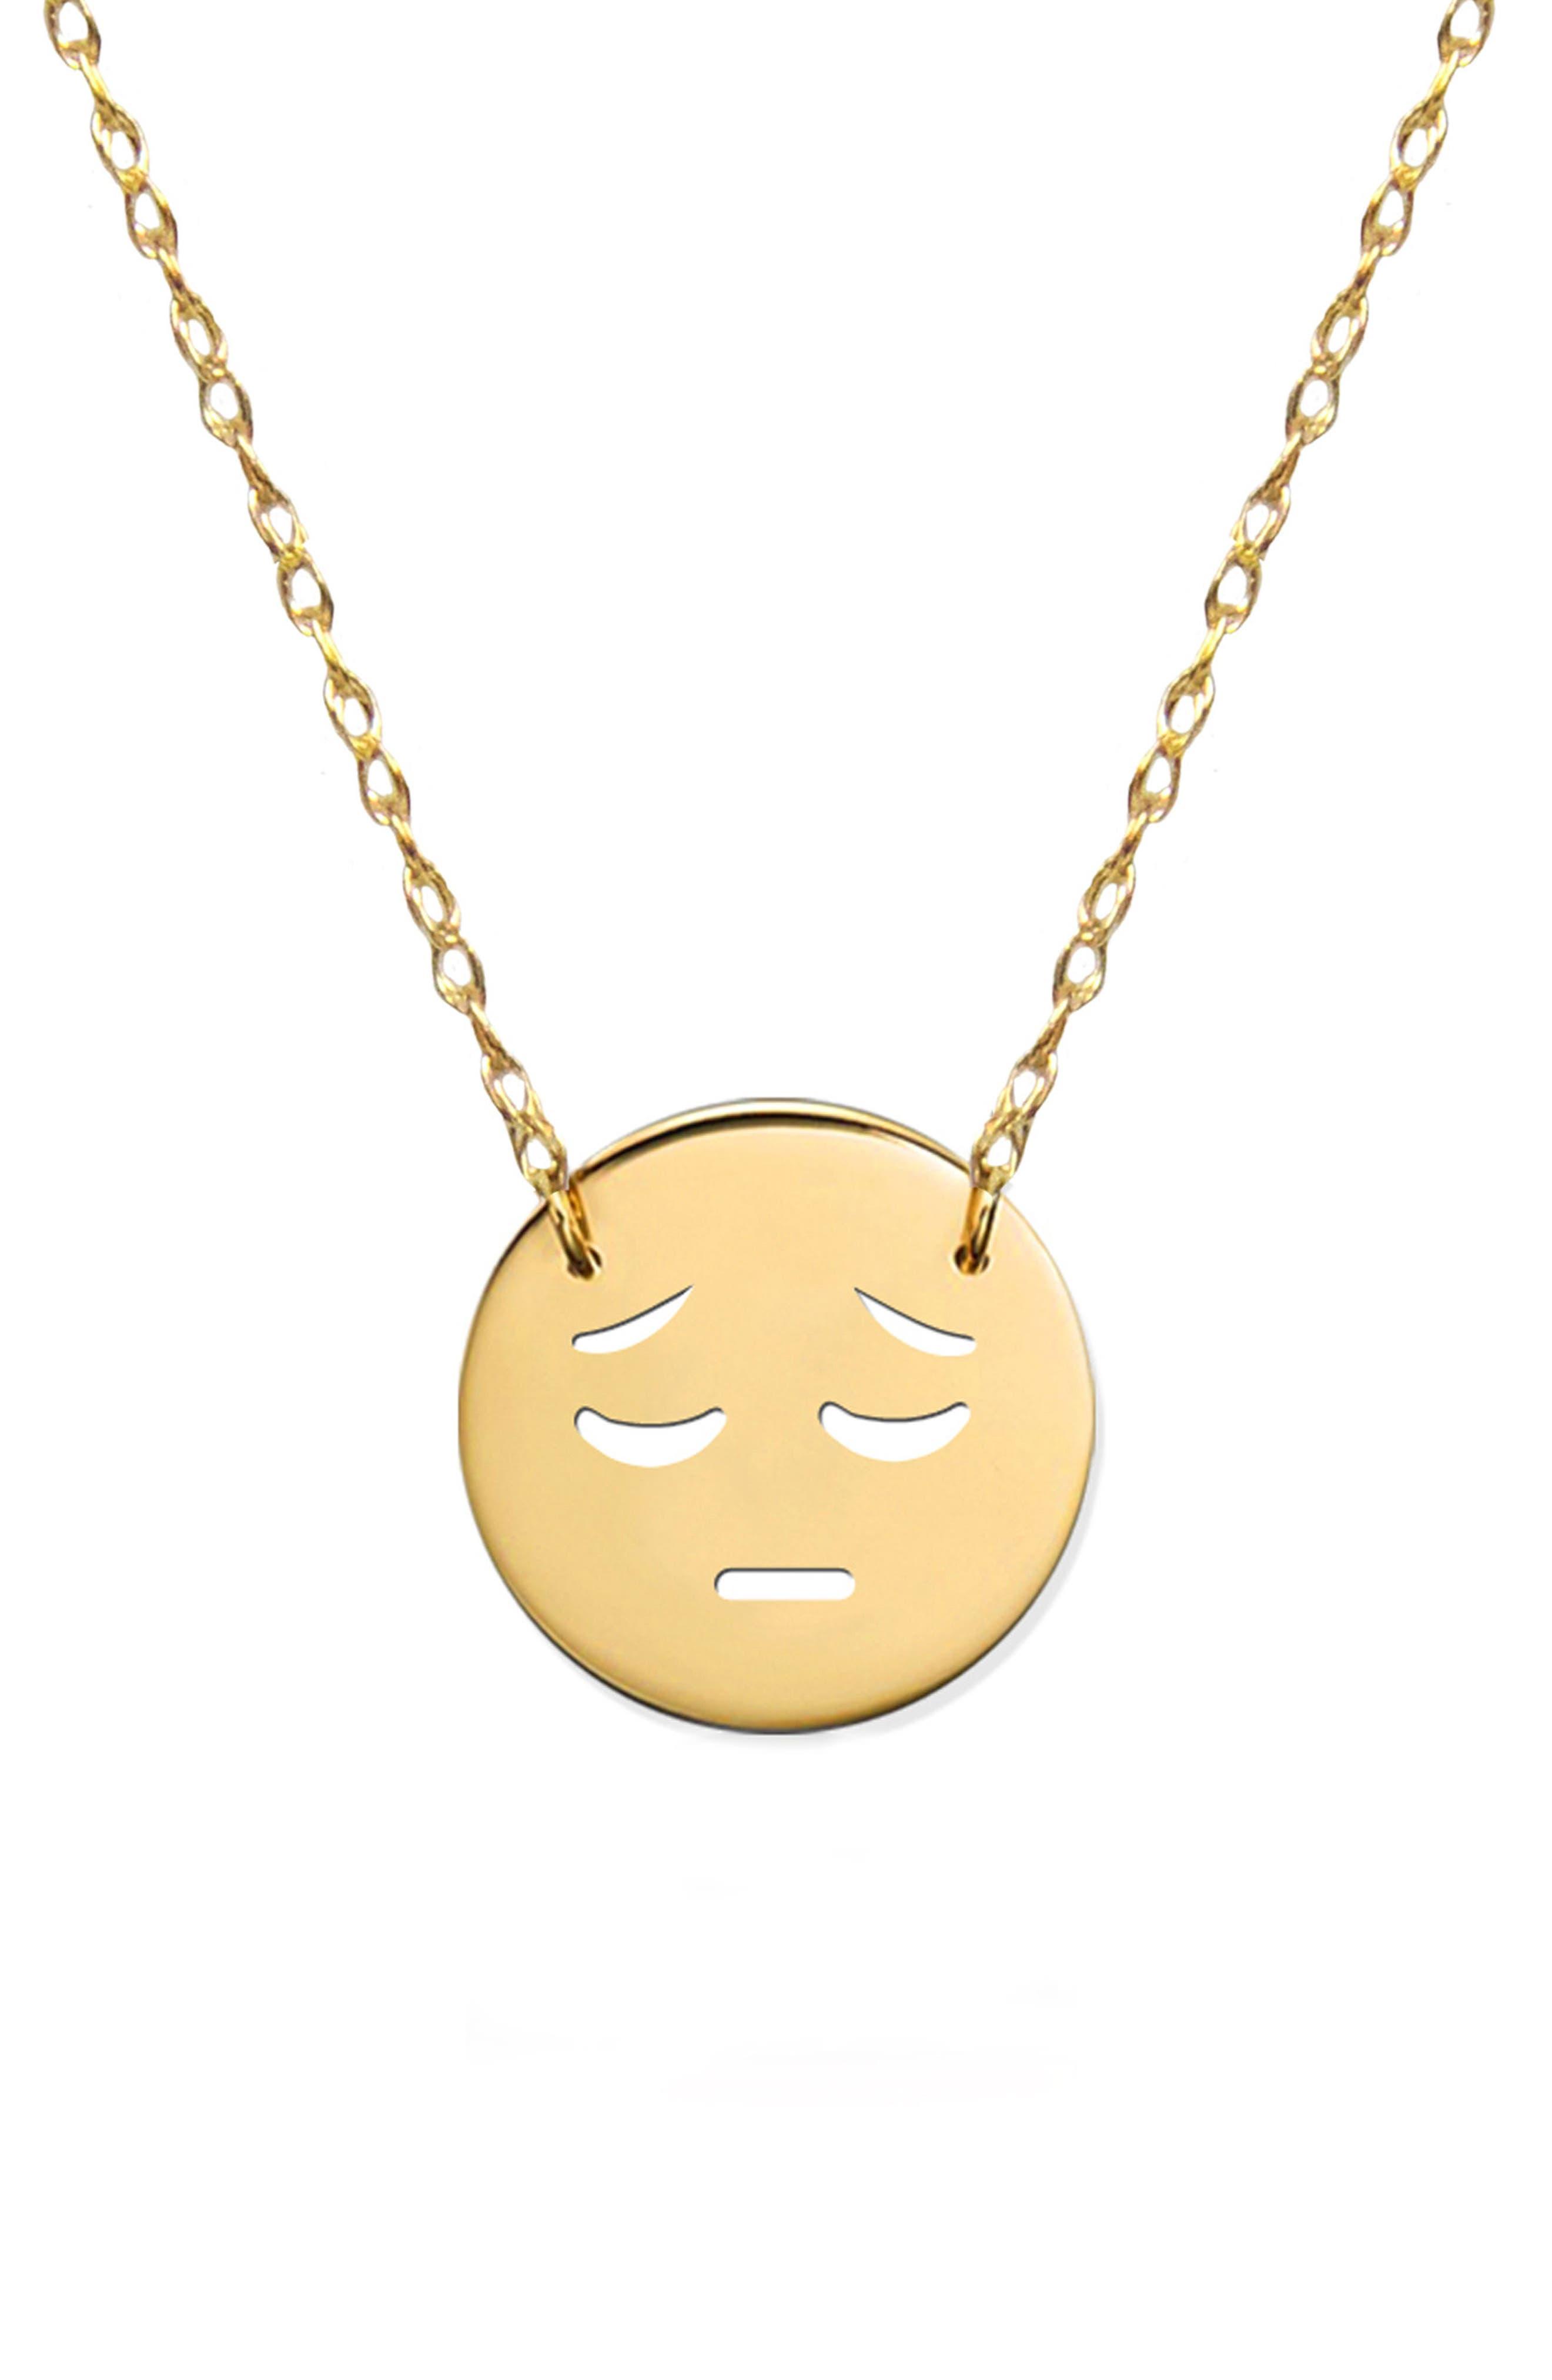 Sad Emoji Pendant Necklace,                         Main,                         color,